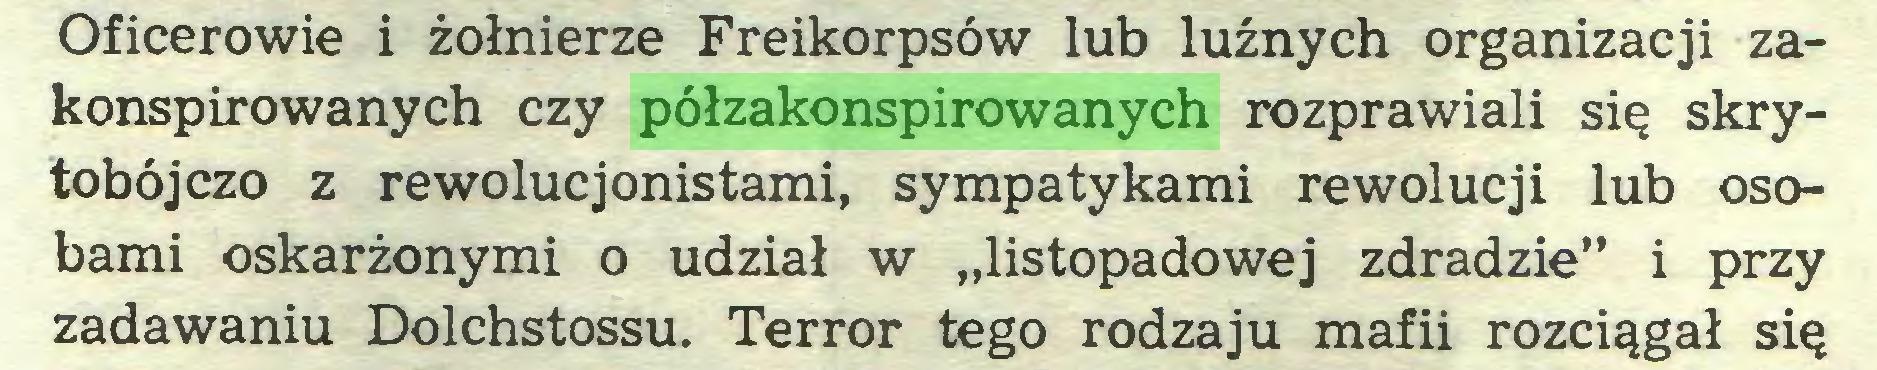 """(...) Oficerowie i żołnierze Freikorpsów lub luźnych organizacji zakonspirowanych czy półzakonspirowanych rozprawiali sią skrytobójczo z rewolucjonistami, sympatykami rewolucji lub osobami oskarżonymi o udział w """"listopadowej zdradzie"""" i przy zadawaniu Dolchstossu. Terror tego rodzaju mafii rozciągał sią..."""